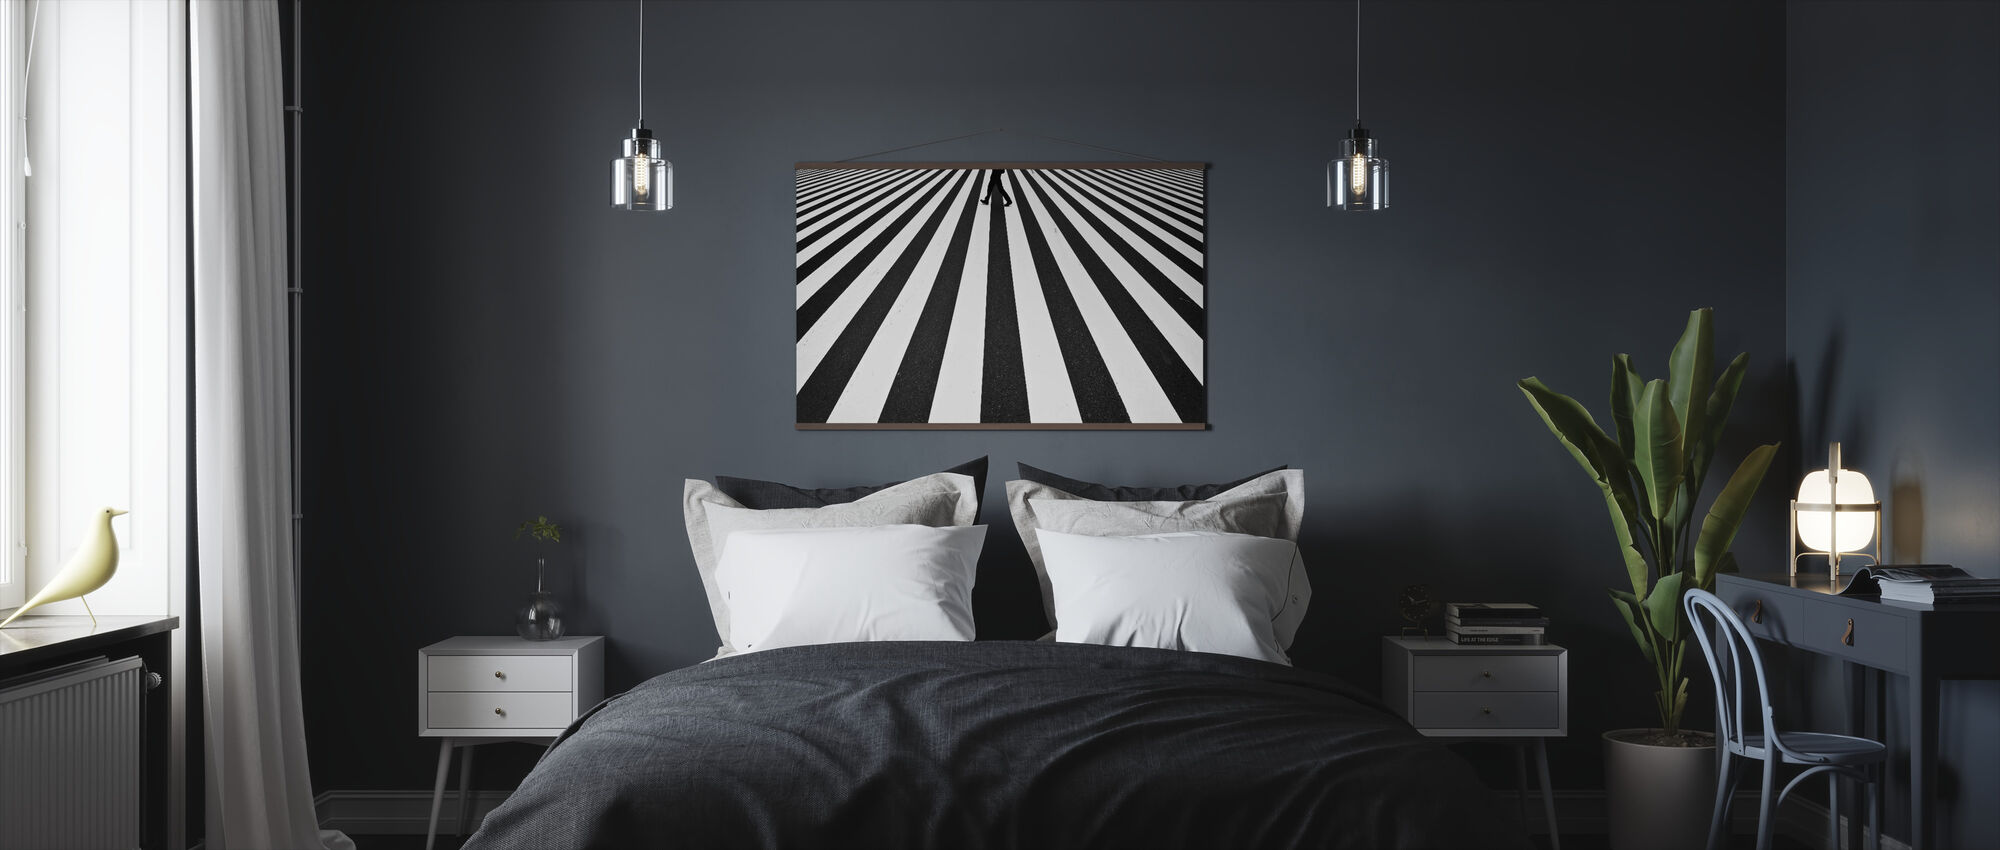 Streep - Poster - Slaapkamer